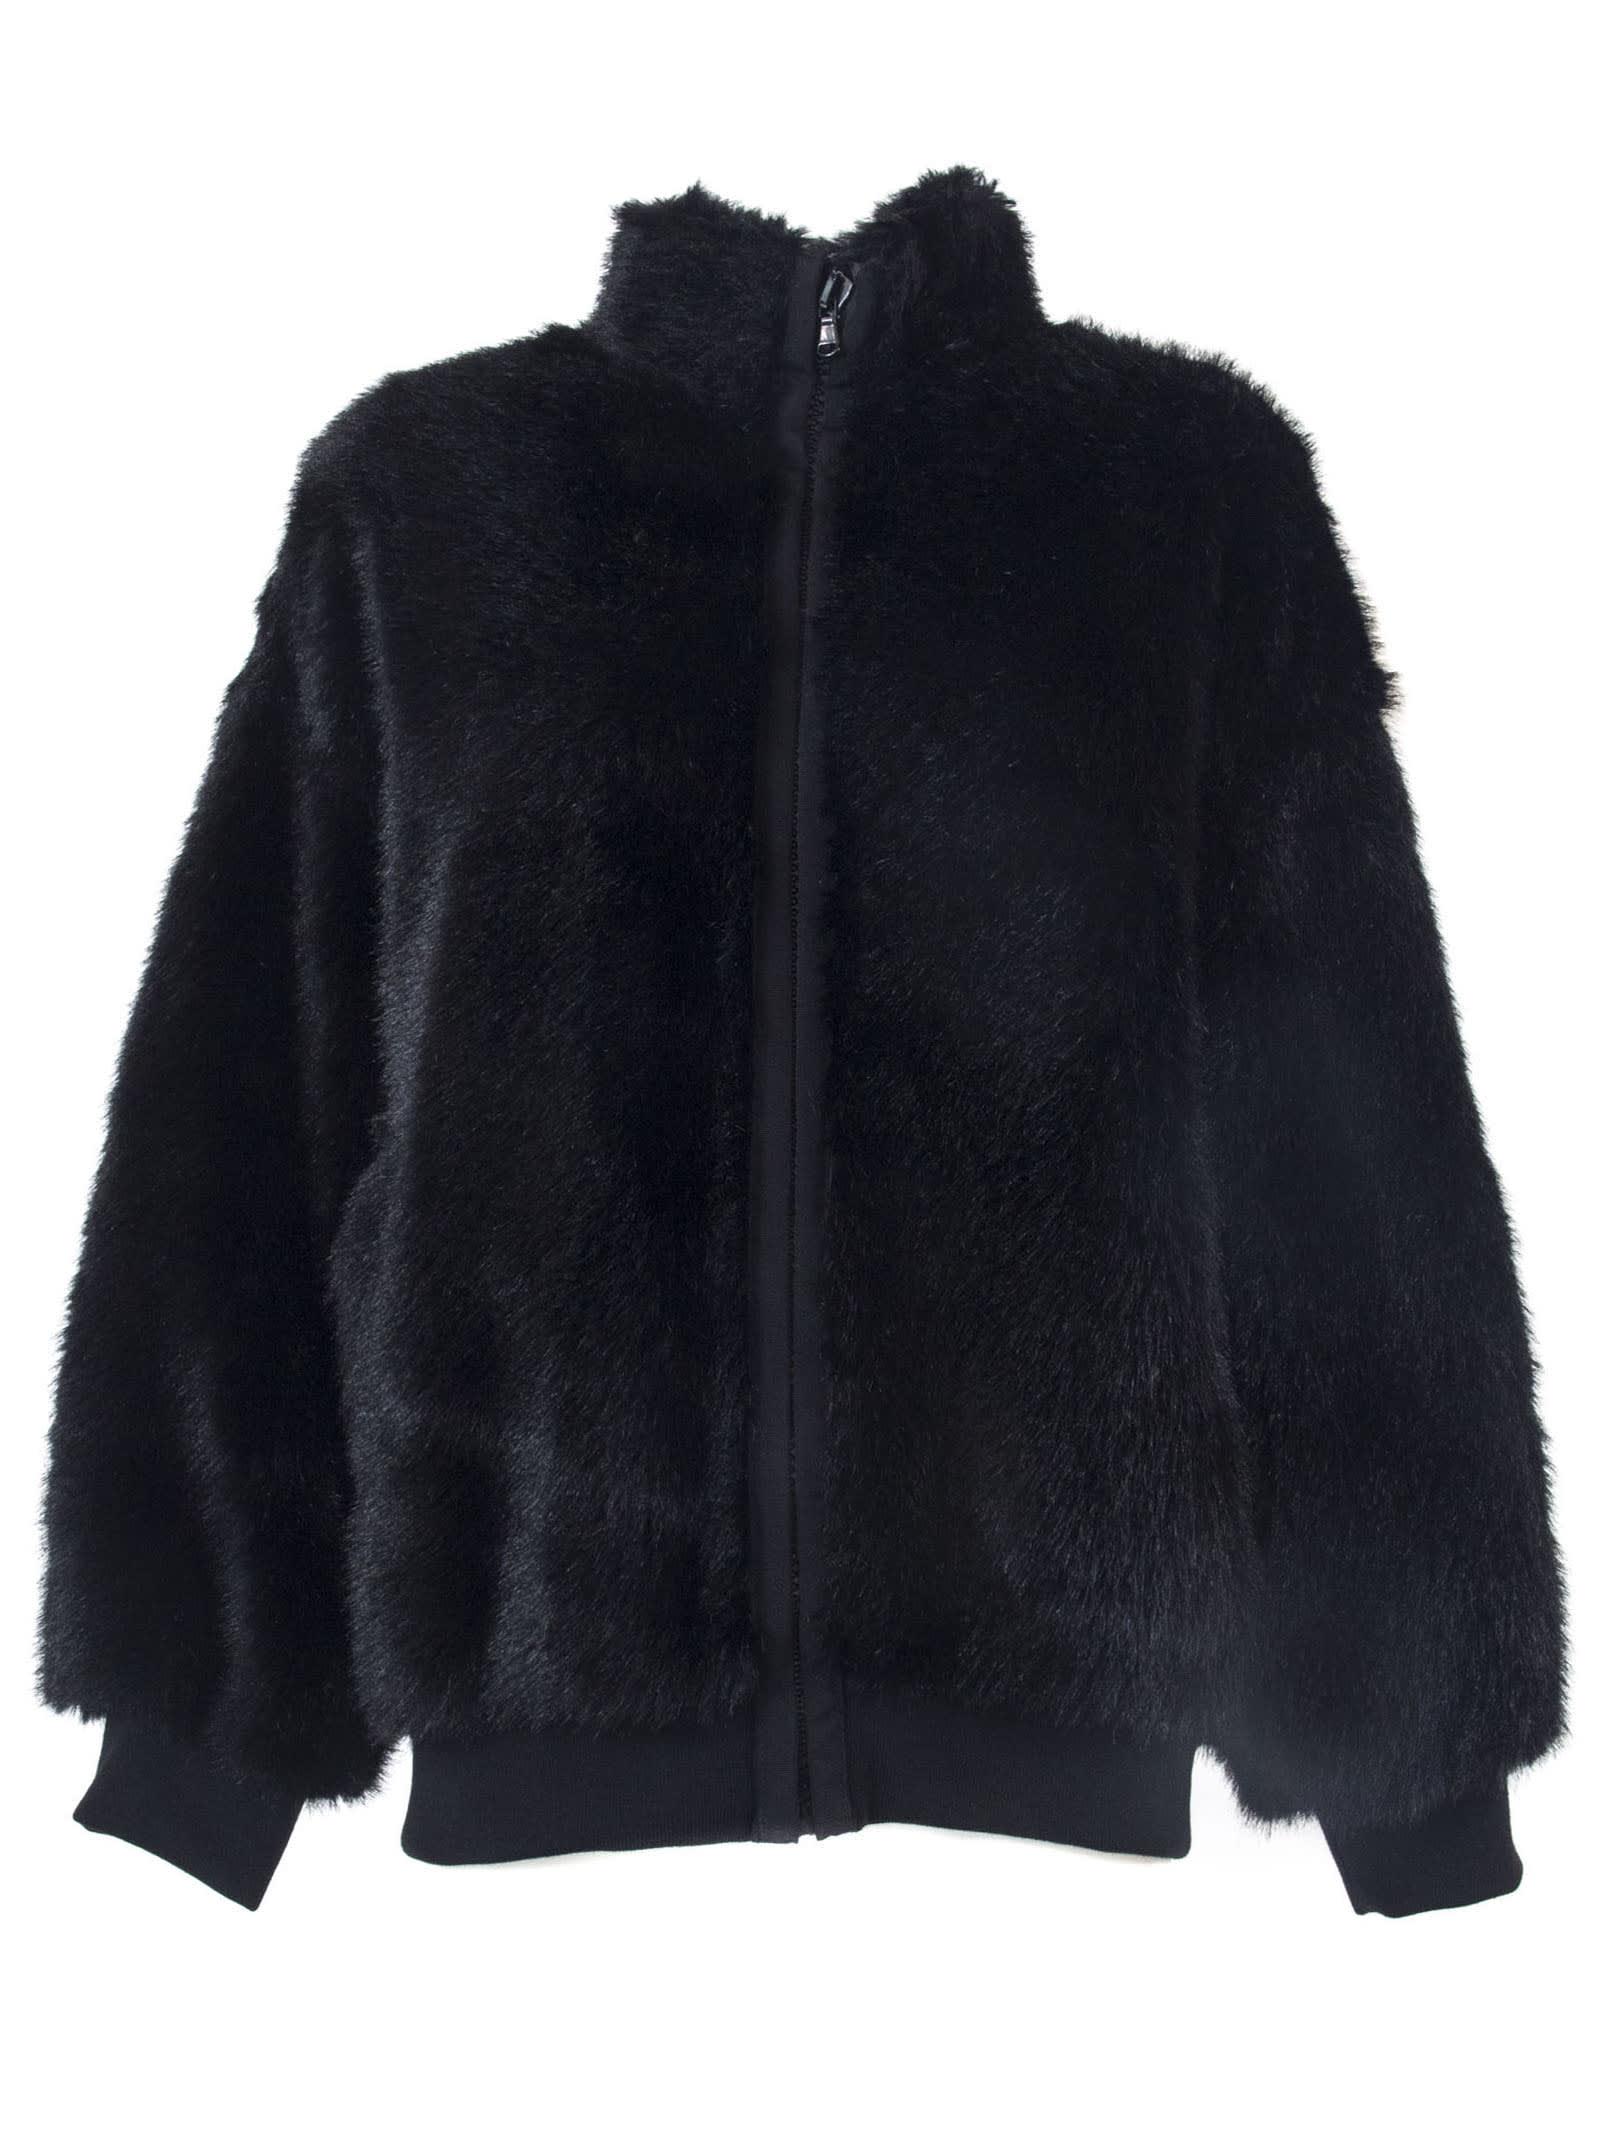 Moschino Short Faux Fur